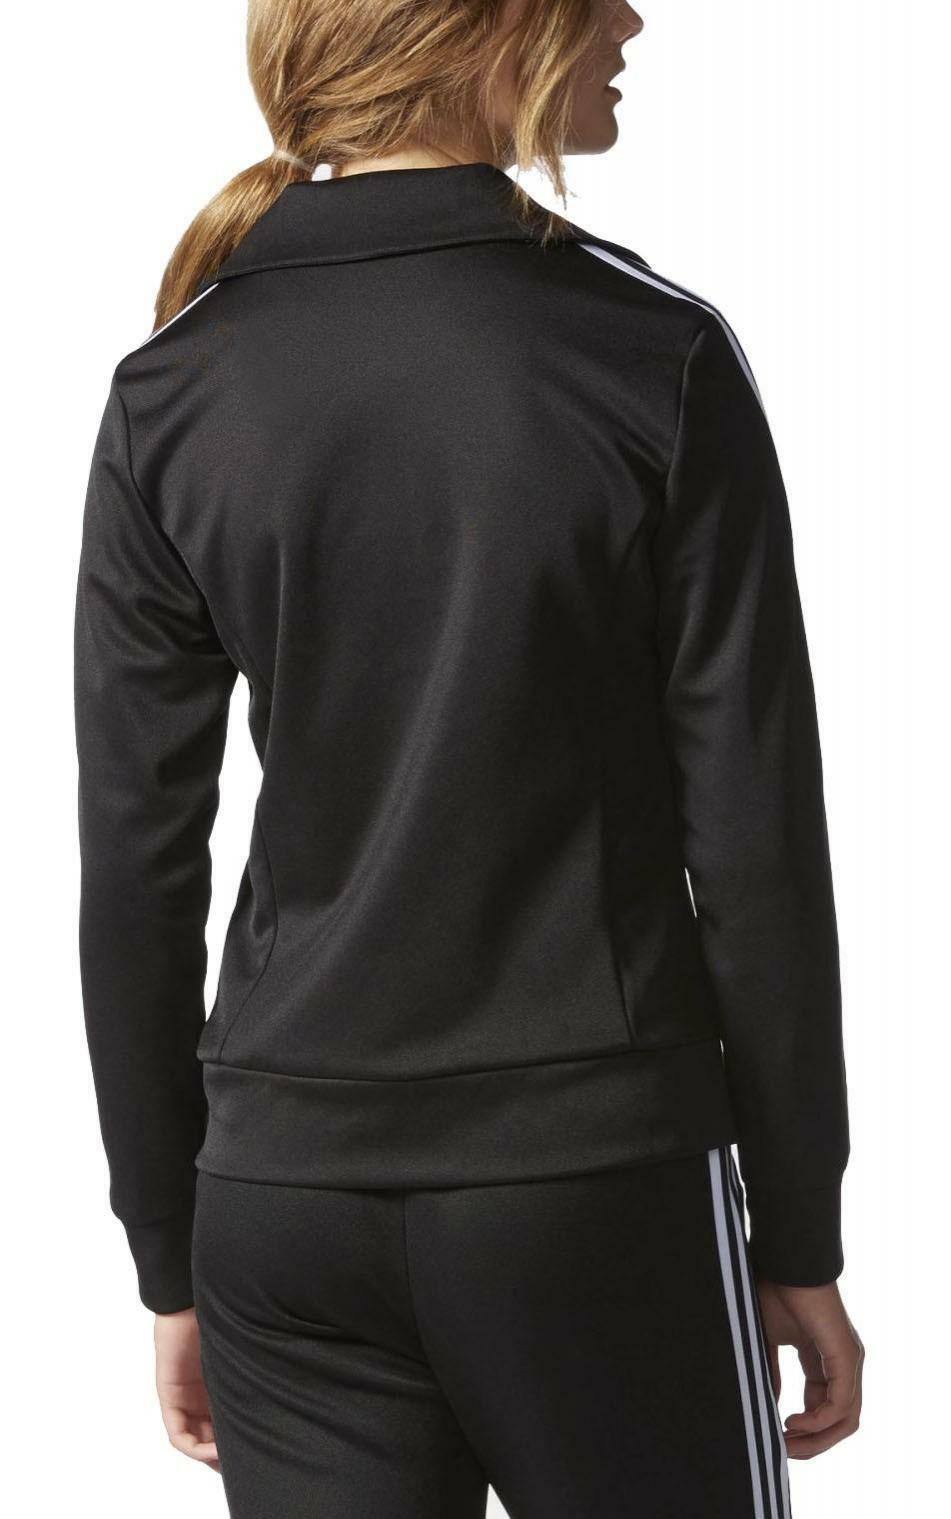 adidas adidas europa tt giacchetto sportivo donna nero